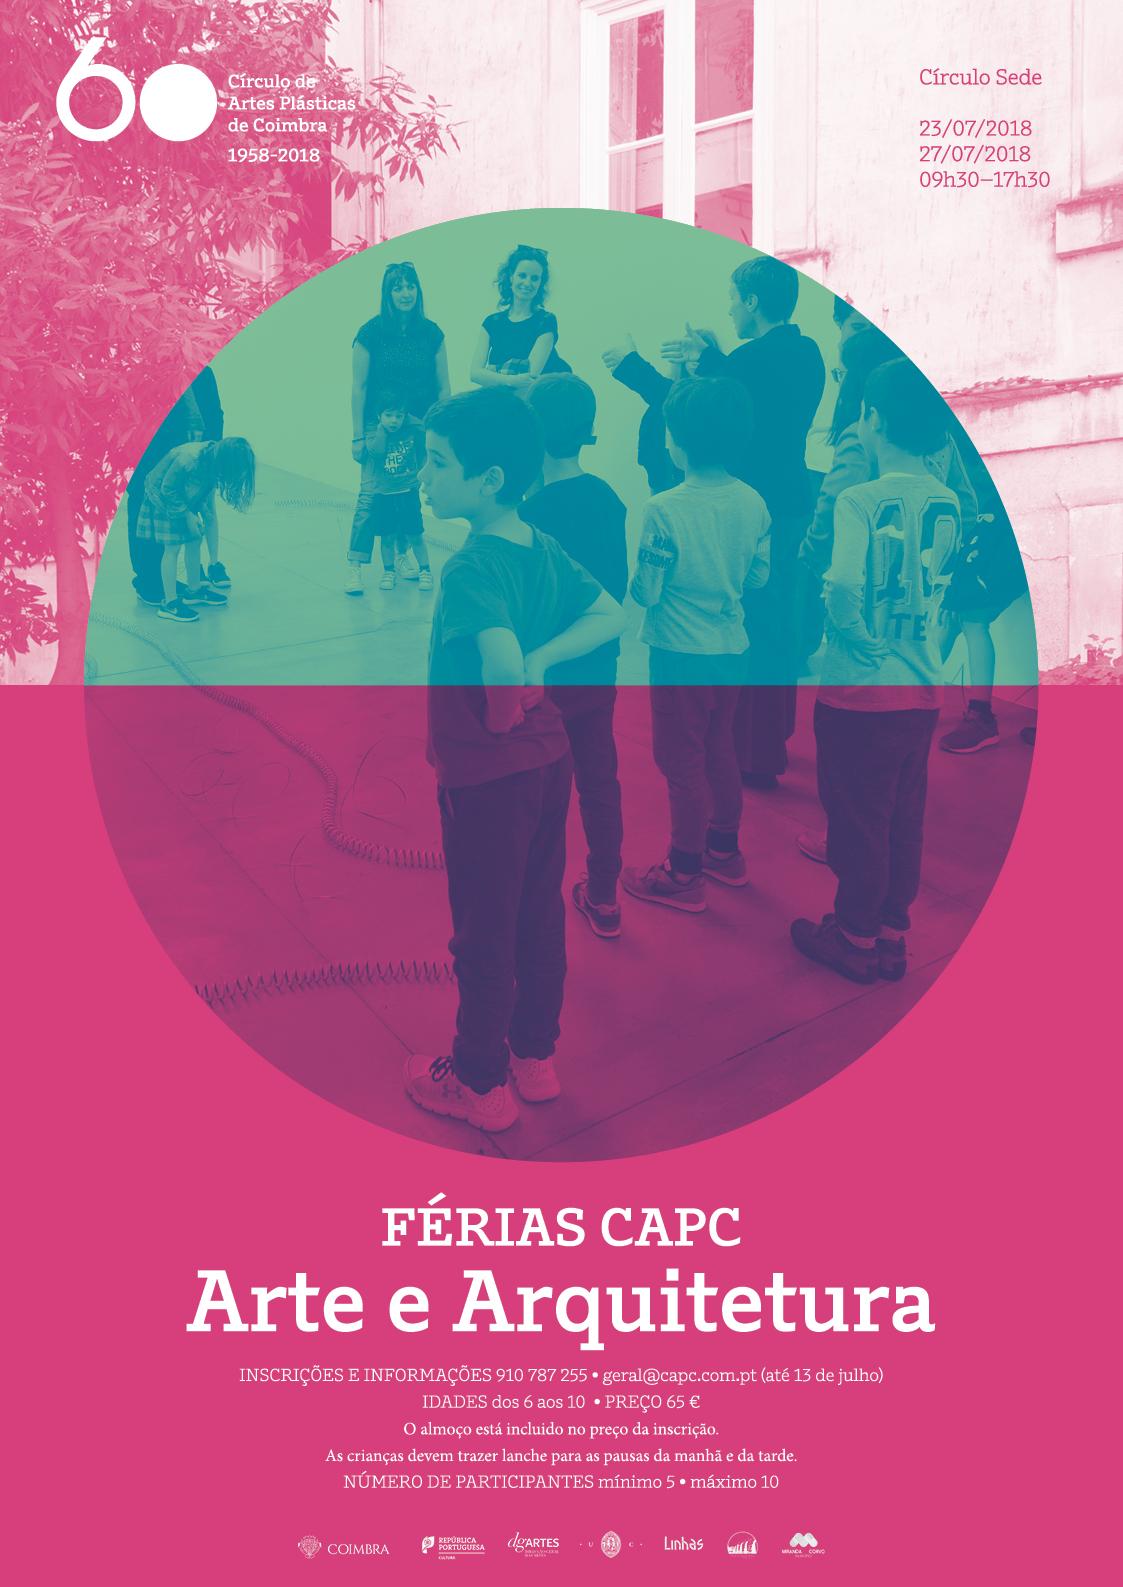 Ferias_CAPC_Arte_Arquitectura